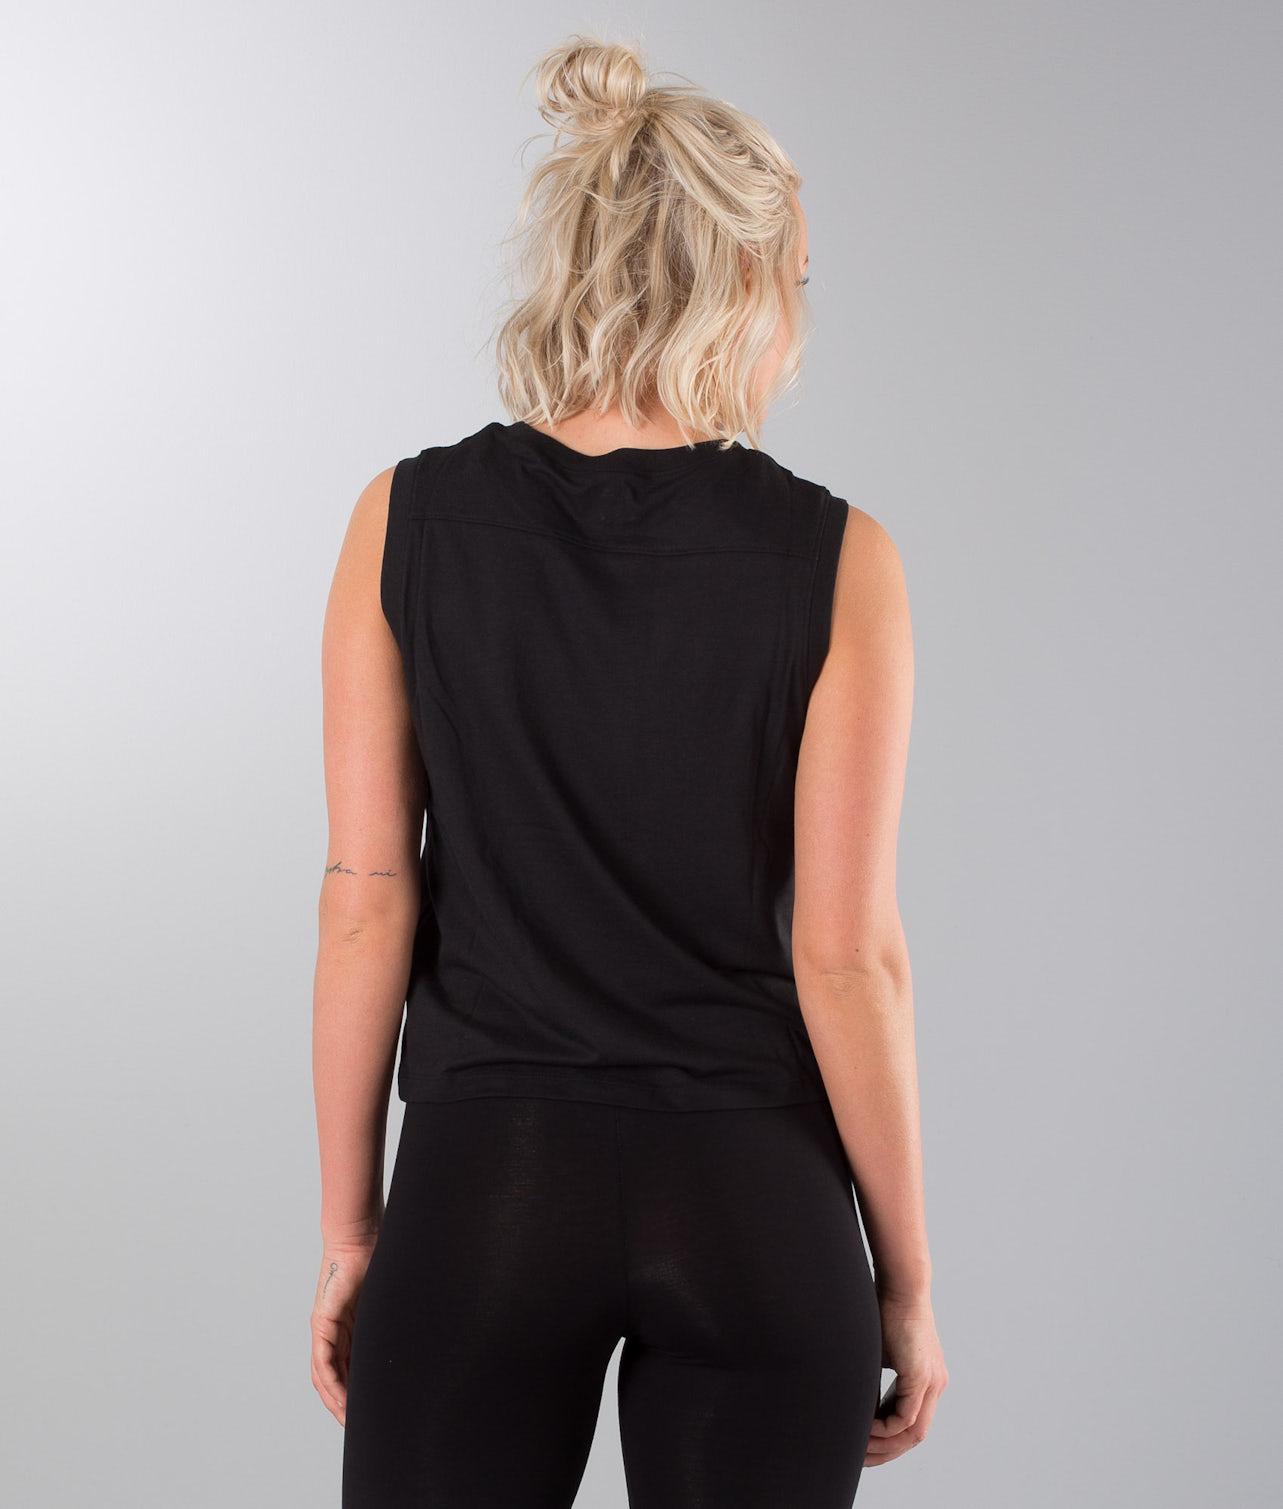 Kjøp Muscle V T-shirt fra Vans på Ridestore.no - Hos oss har du alltid fri frakt, fri retur og 30 dagers åpent kjøp!